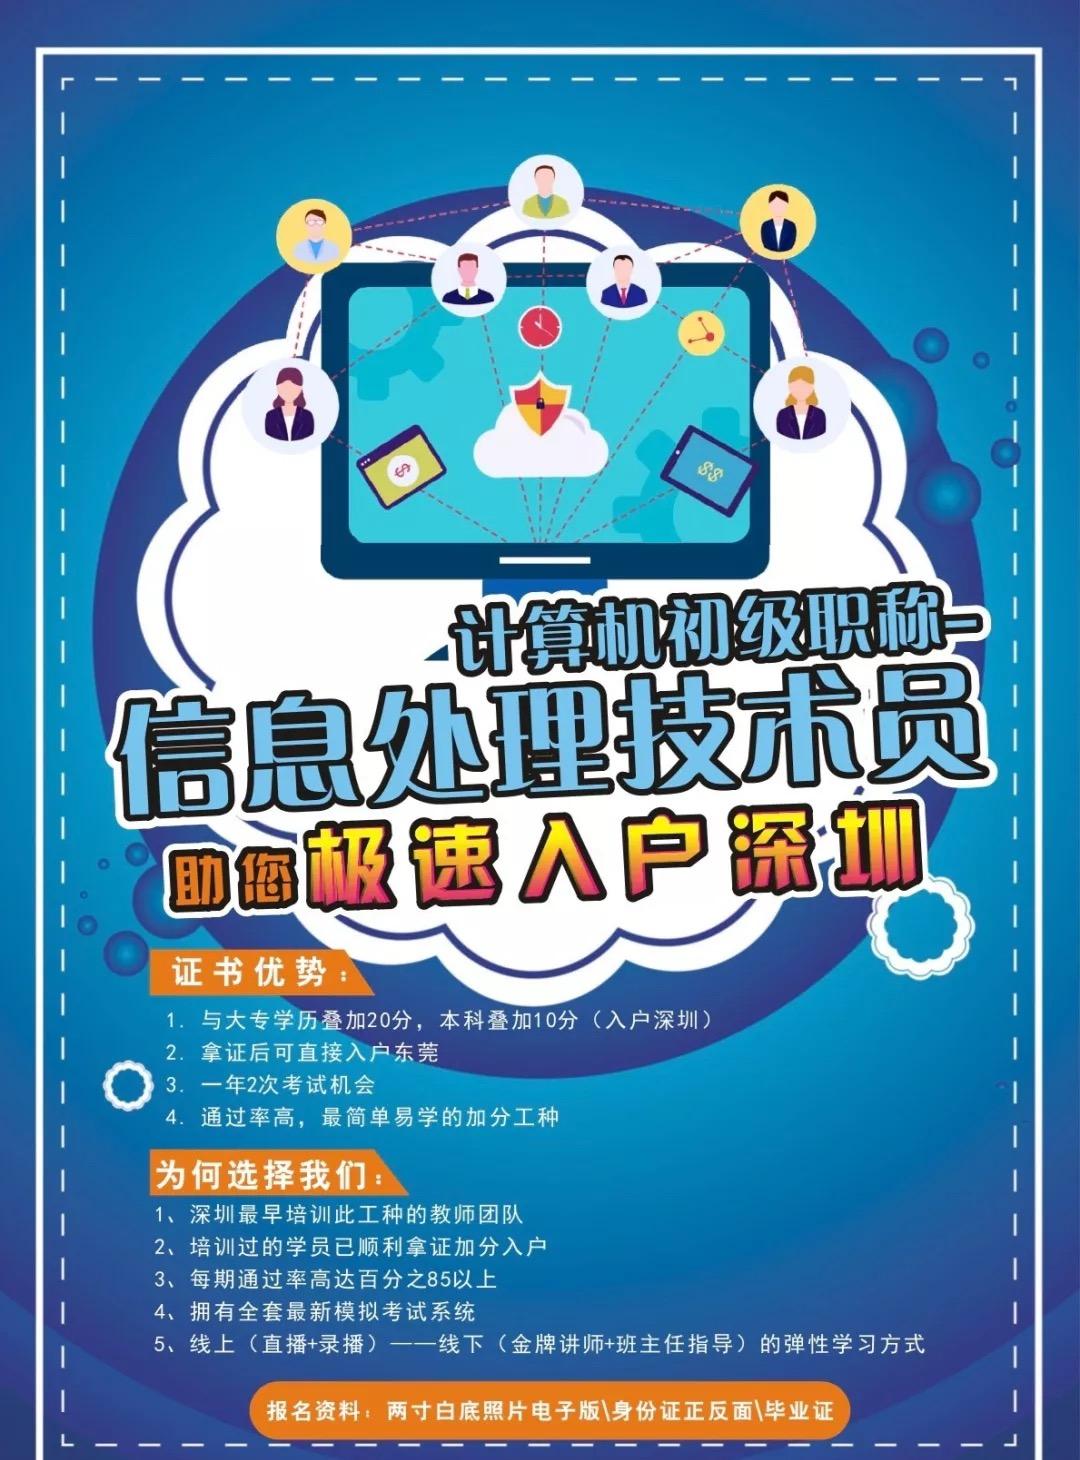 深圳初級信息處理技術員專業培訓課程